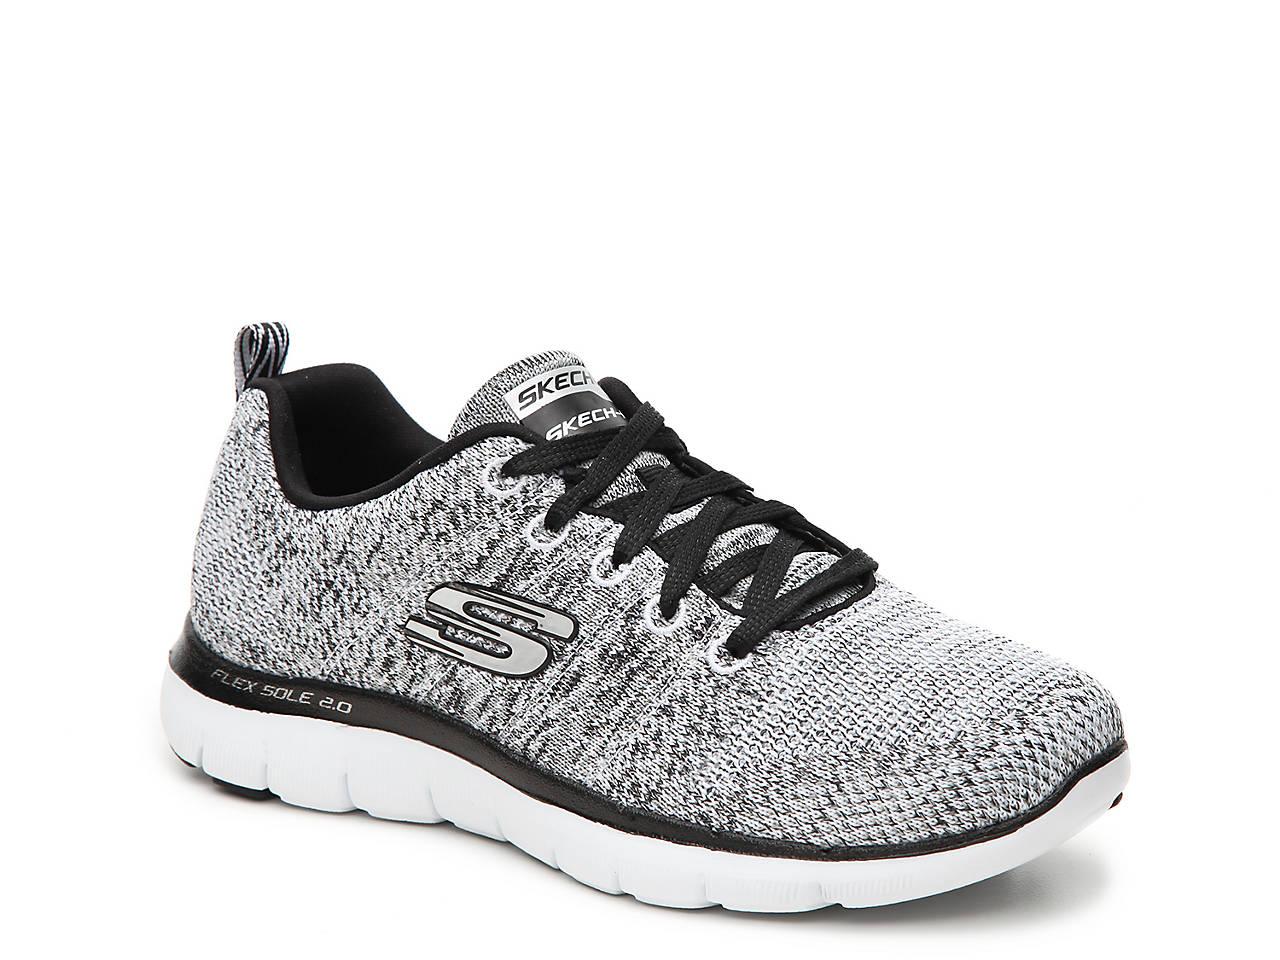 Skechers Flex Appeal 2 High Energy Sneaker - Women s Women s Shoes  17afd22afb